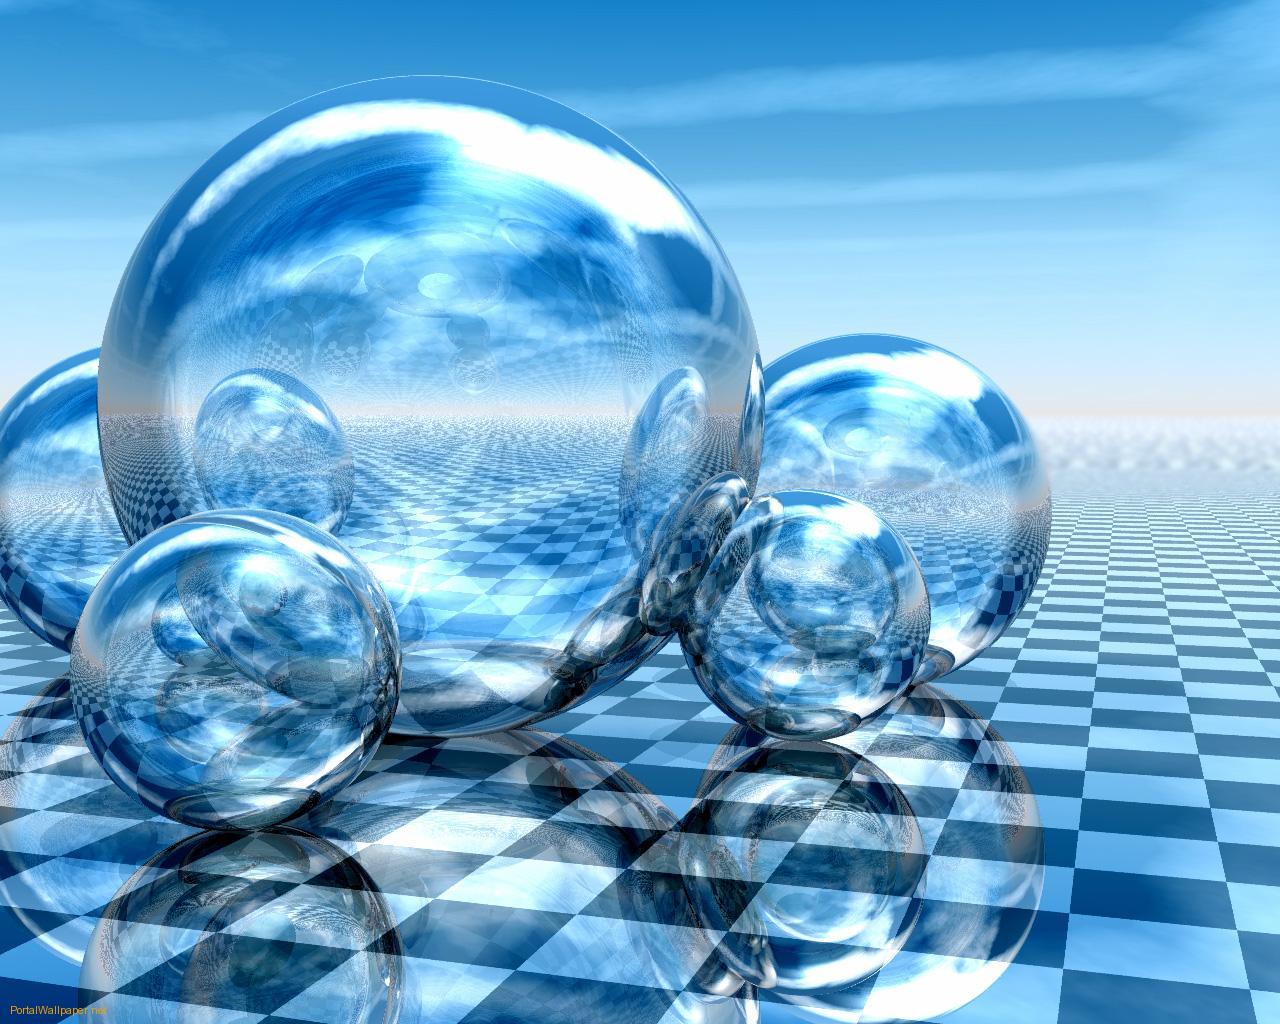 http://2.bp.blogspot.com/-csh6NVg0ZFY/TbC__J3a_iI/AAAAAAAAAIA/MfbtNgTOgKw/s1600/3D-burbujeando-1.jpeg